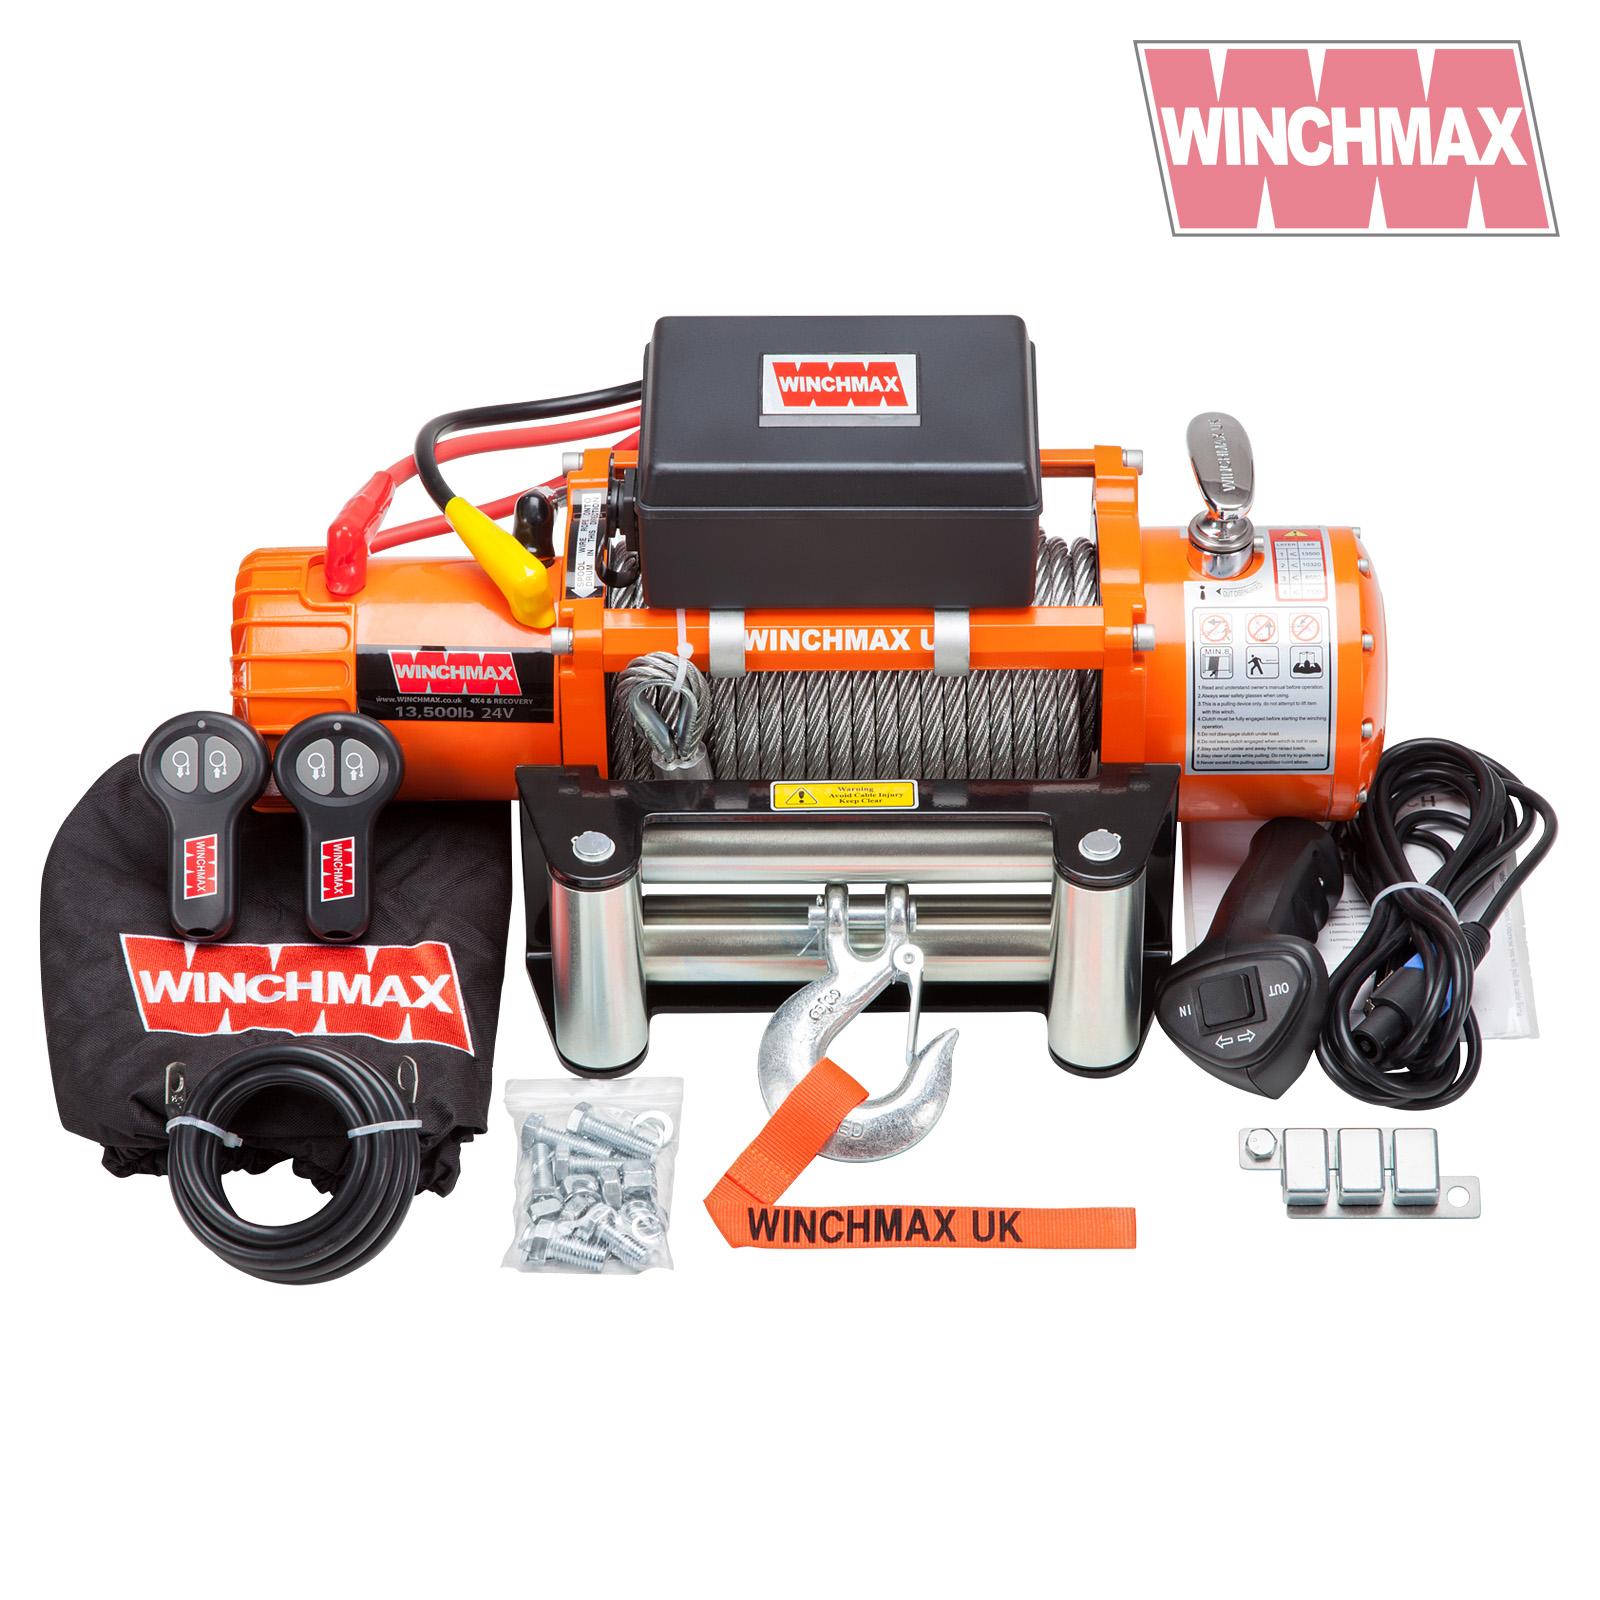 Wm1350024vr winchmax 01